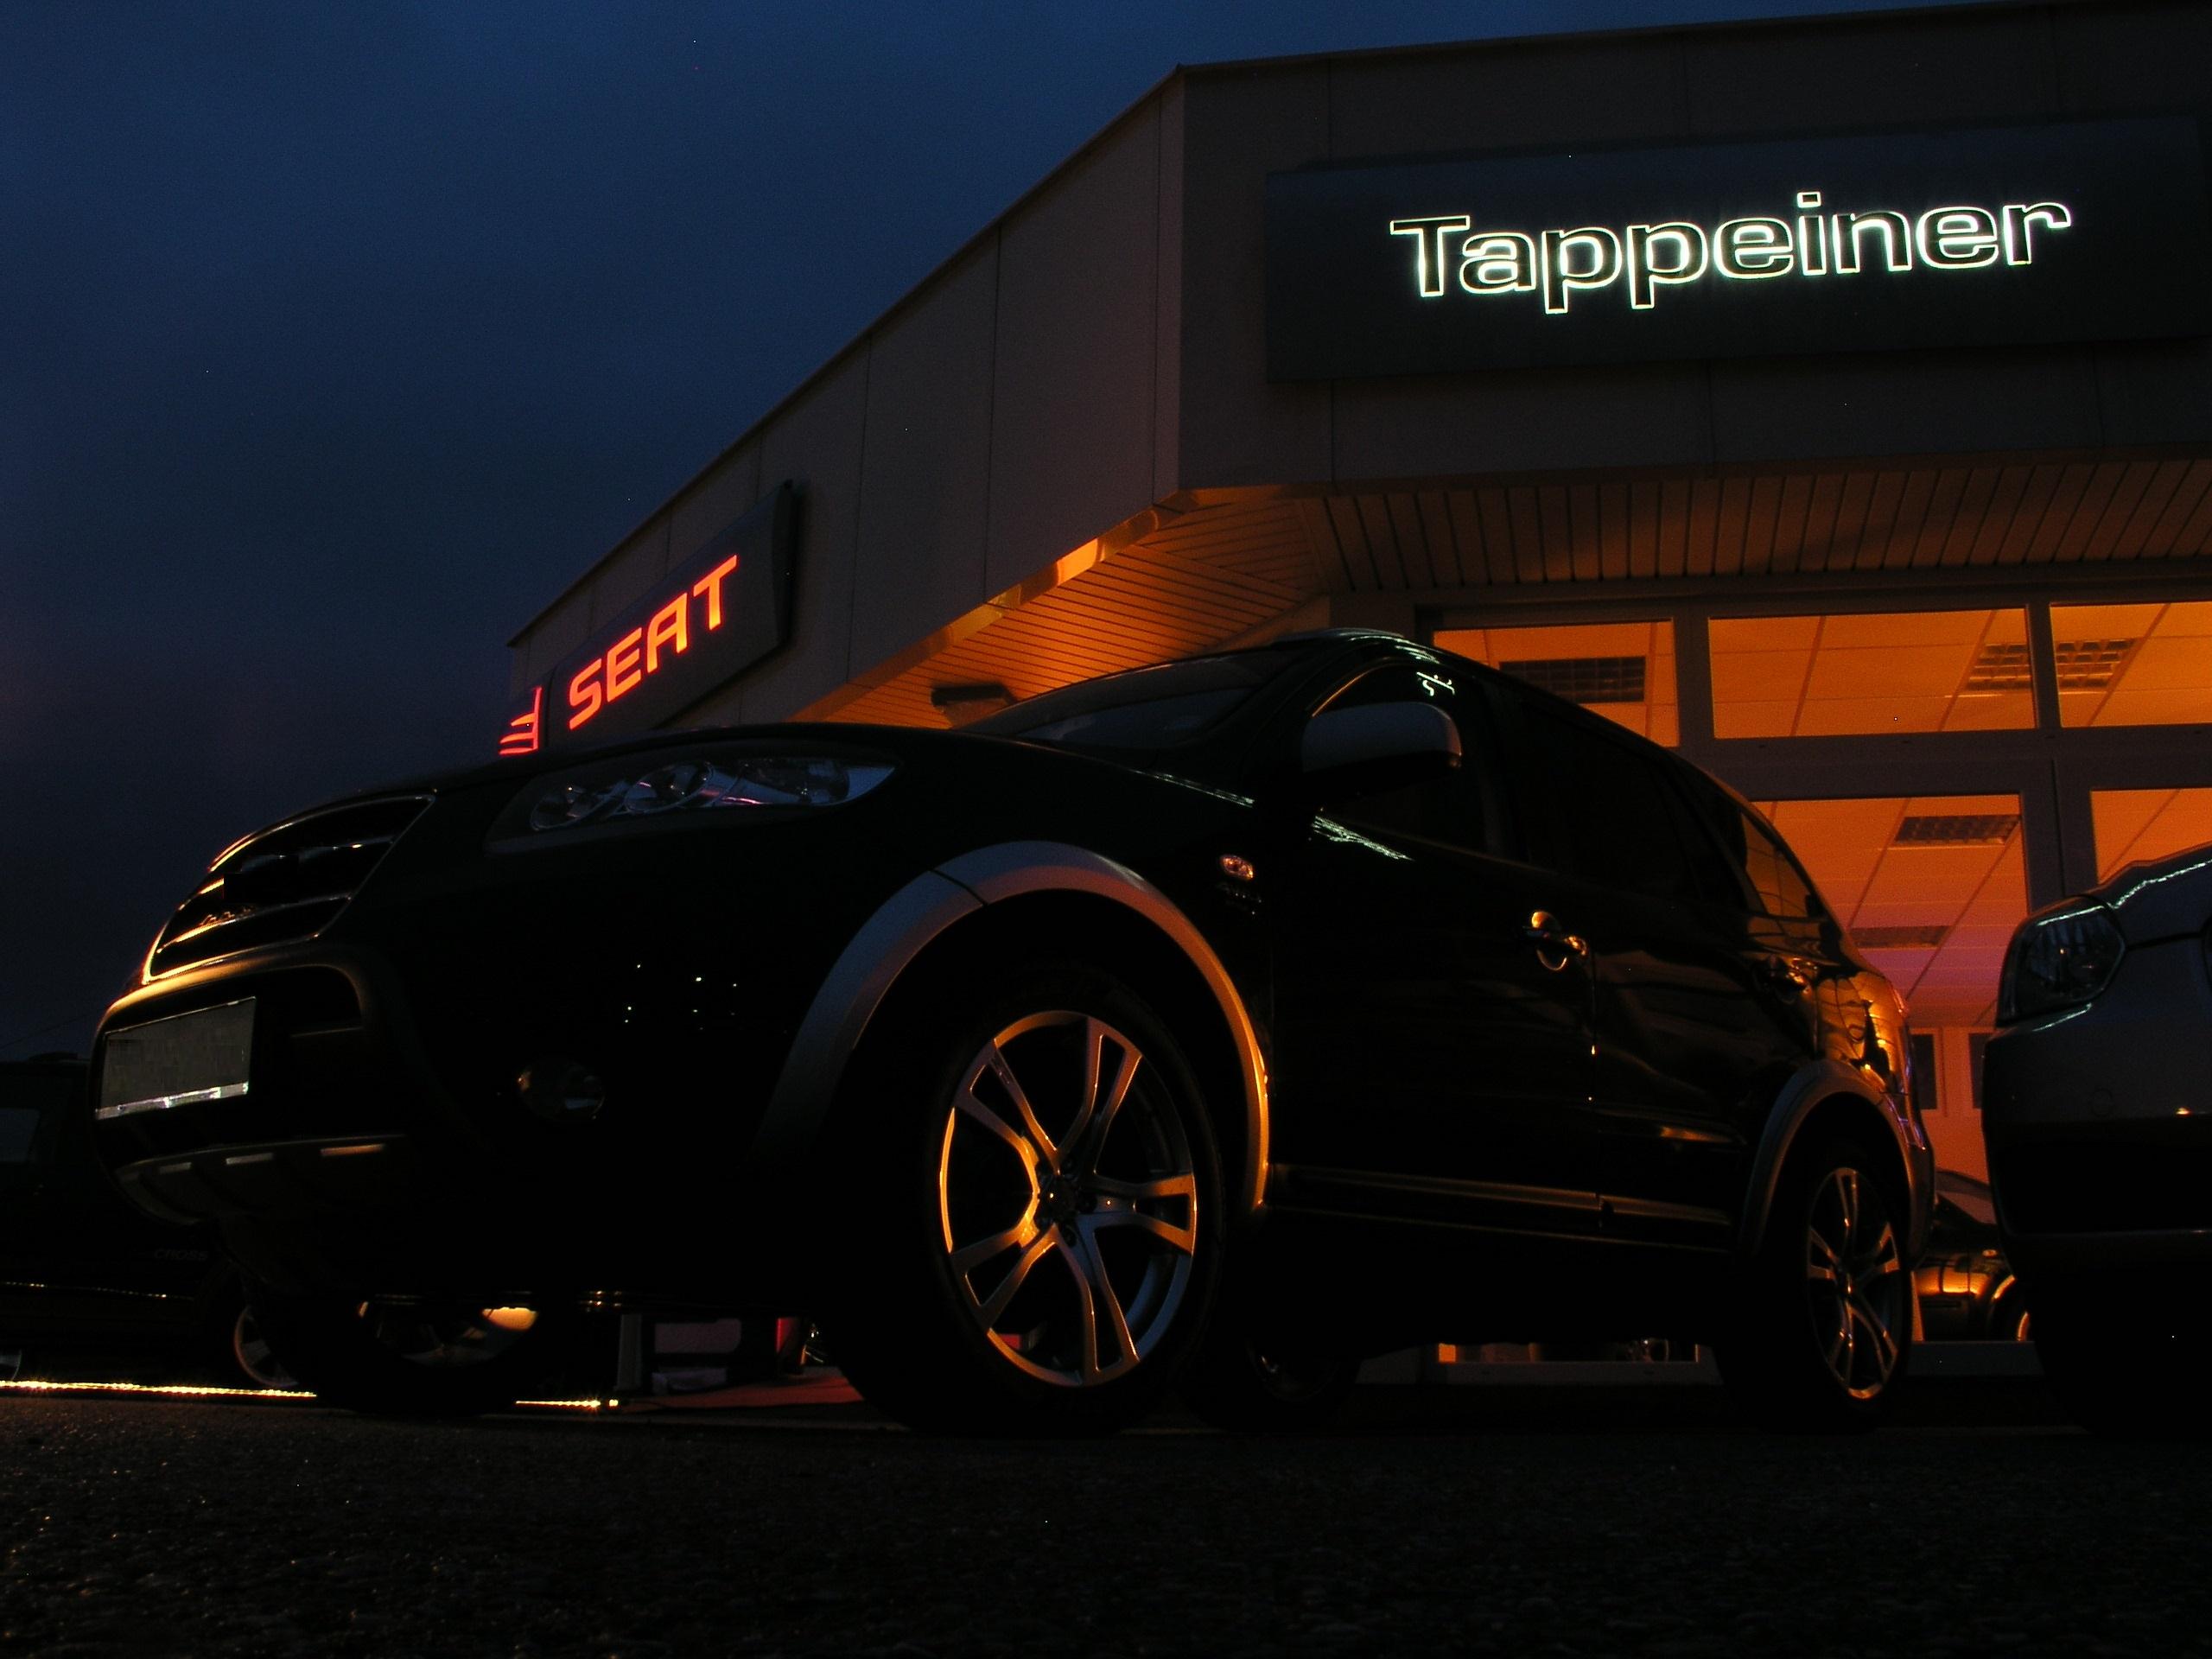 AH Tappeiner GesmbH, Ihr Spezialist fr Seat,Autohaus, Auto, Carconfigurator, Gebrauchtwagen, aktuelle Sonderangebote, Finanzierungen, Versicherungen